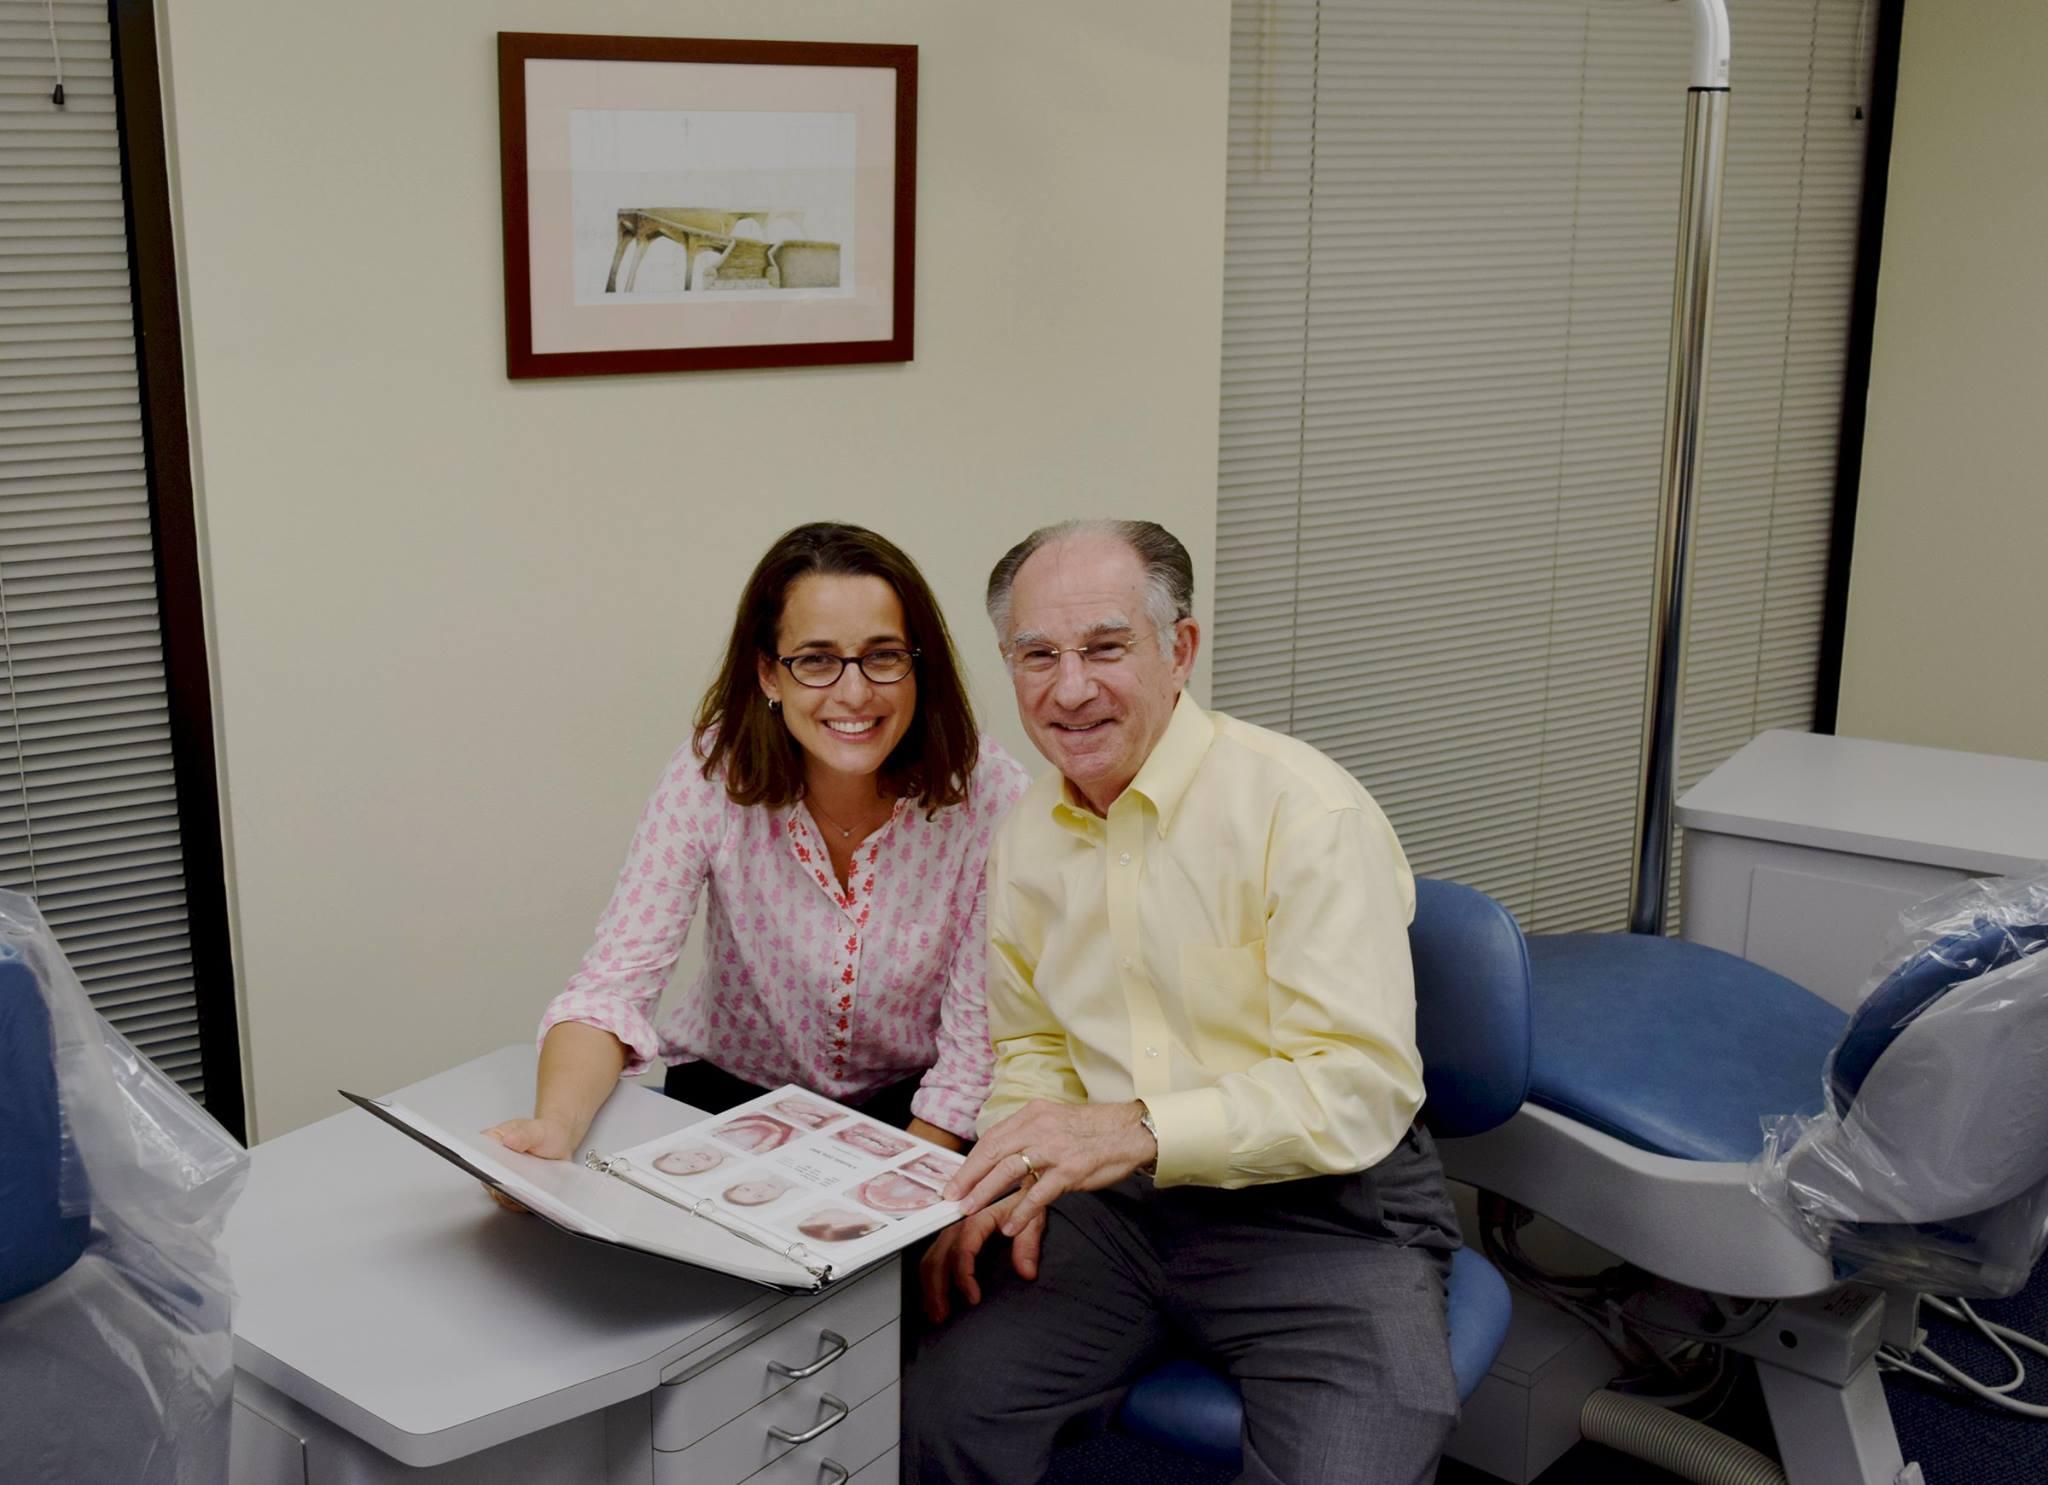 Drs. Aurora Sordelli and Ron Gallerano